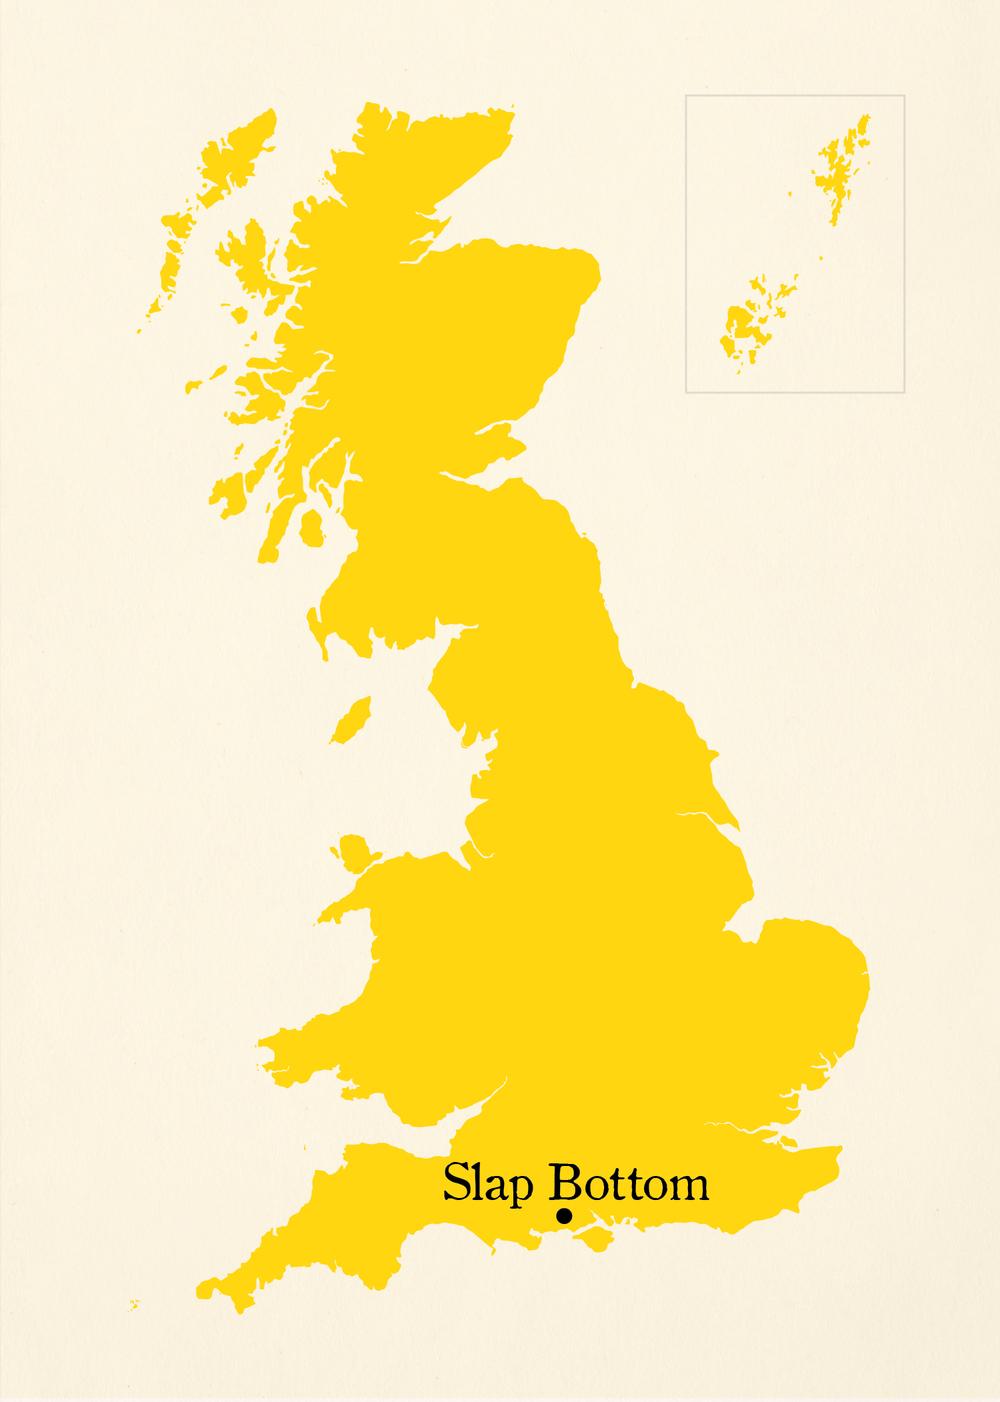 Slap Bottom